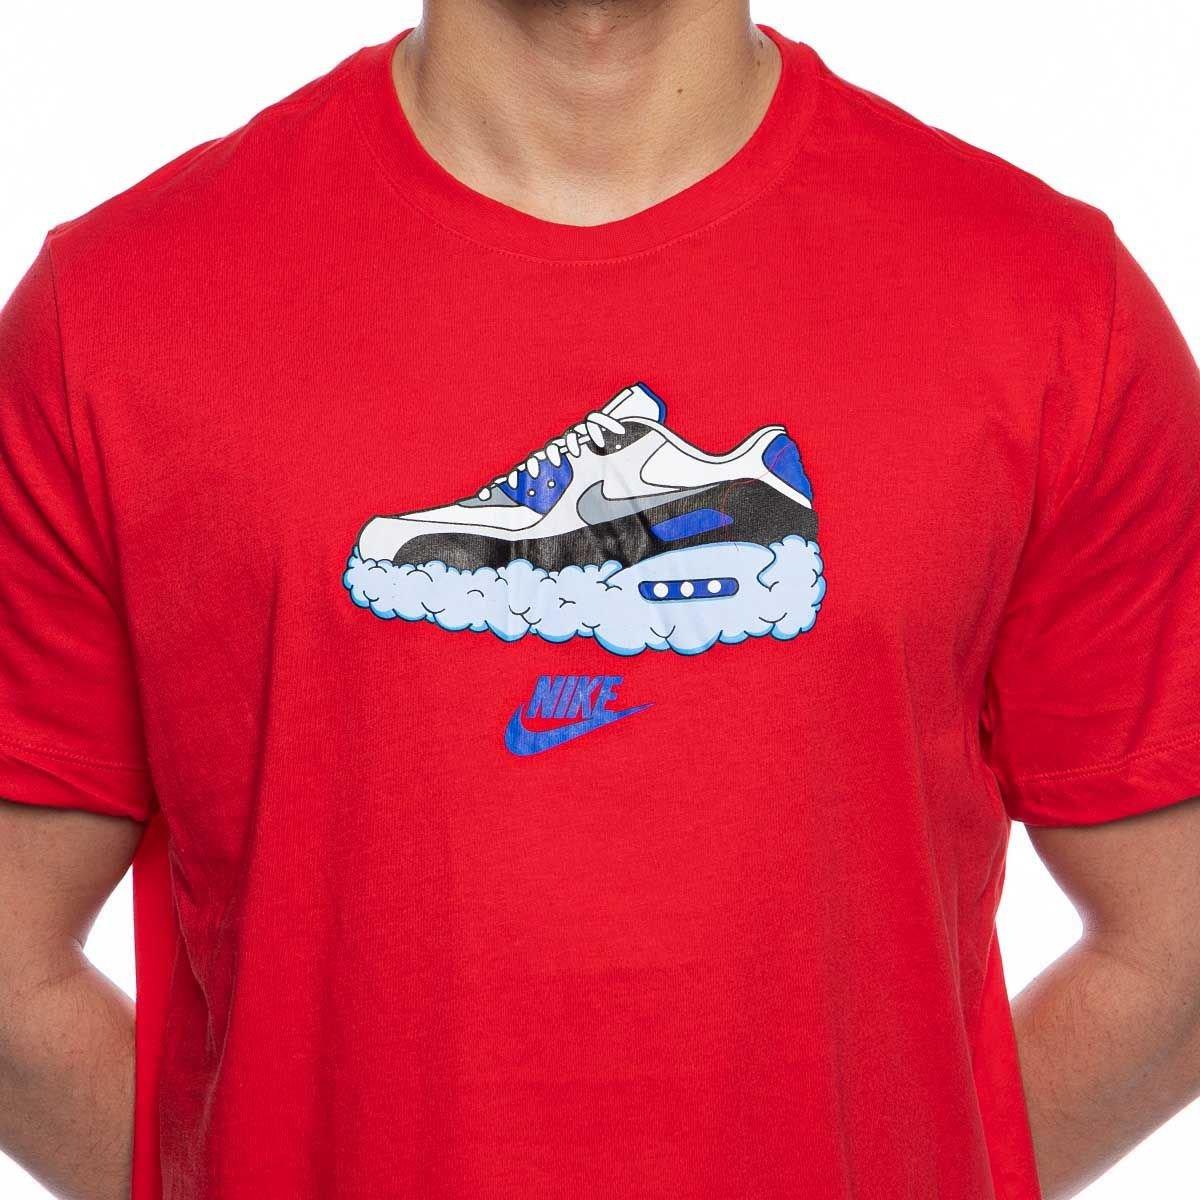 Nike Air Max 90 T Shirt White